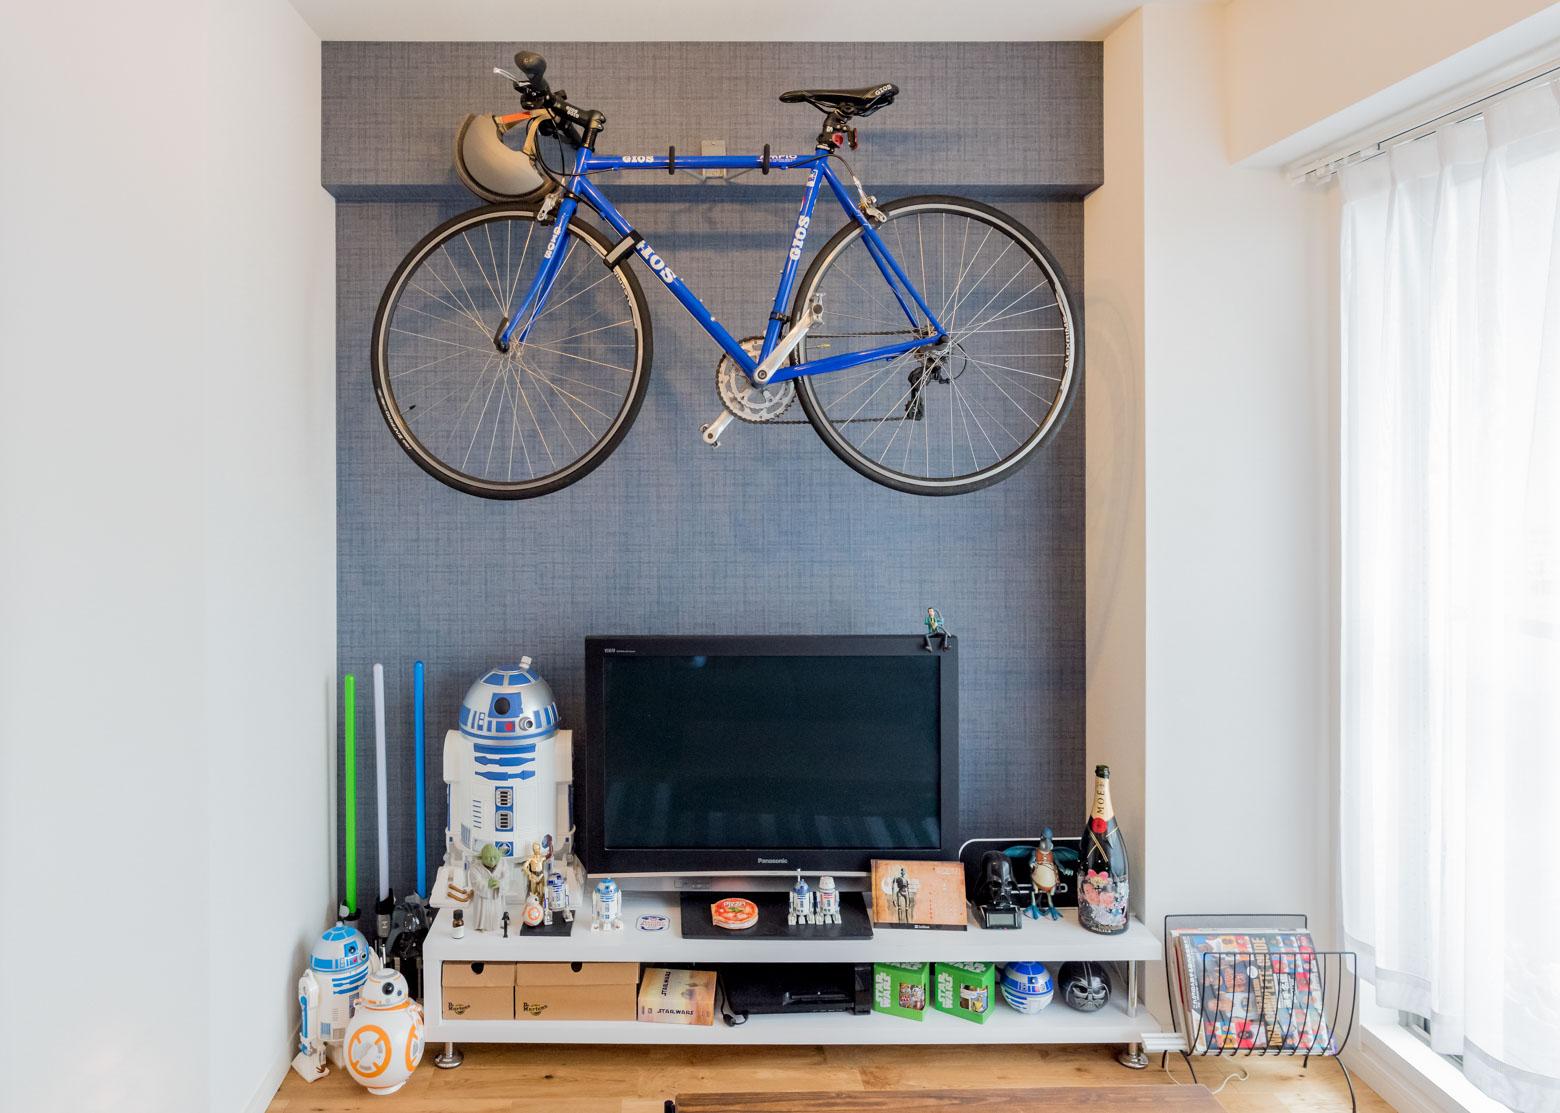 こちらのスタッフは、リビングの壁に自転車用のフックをつけることをリクエスト。お気に入りをいつでも眺められるようになりました。(このお部屋はこちら)